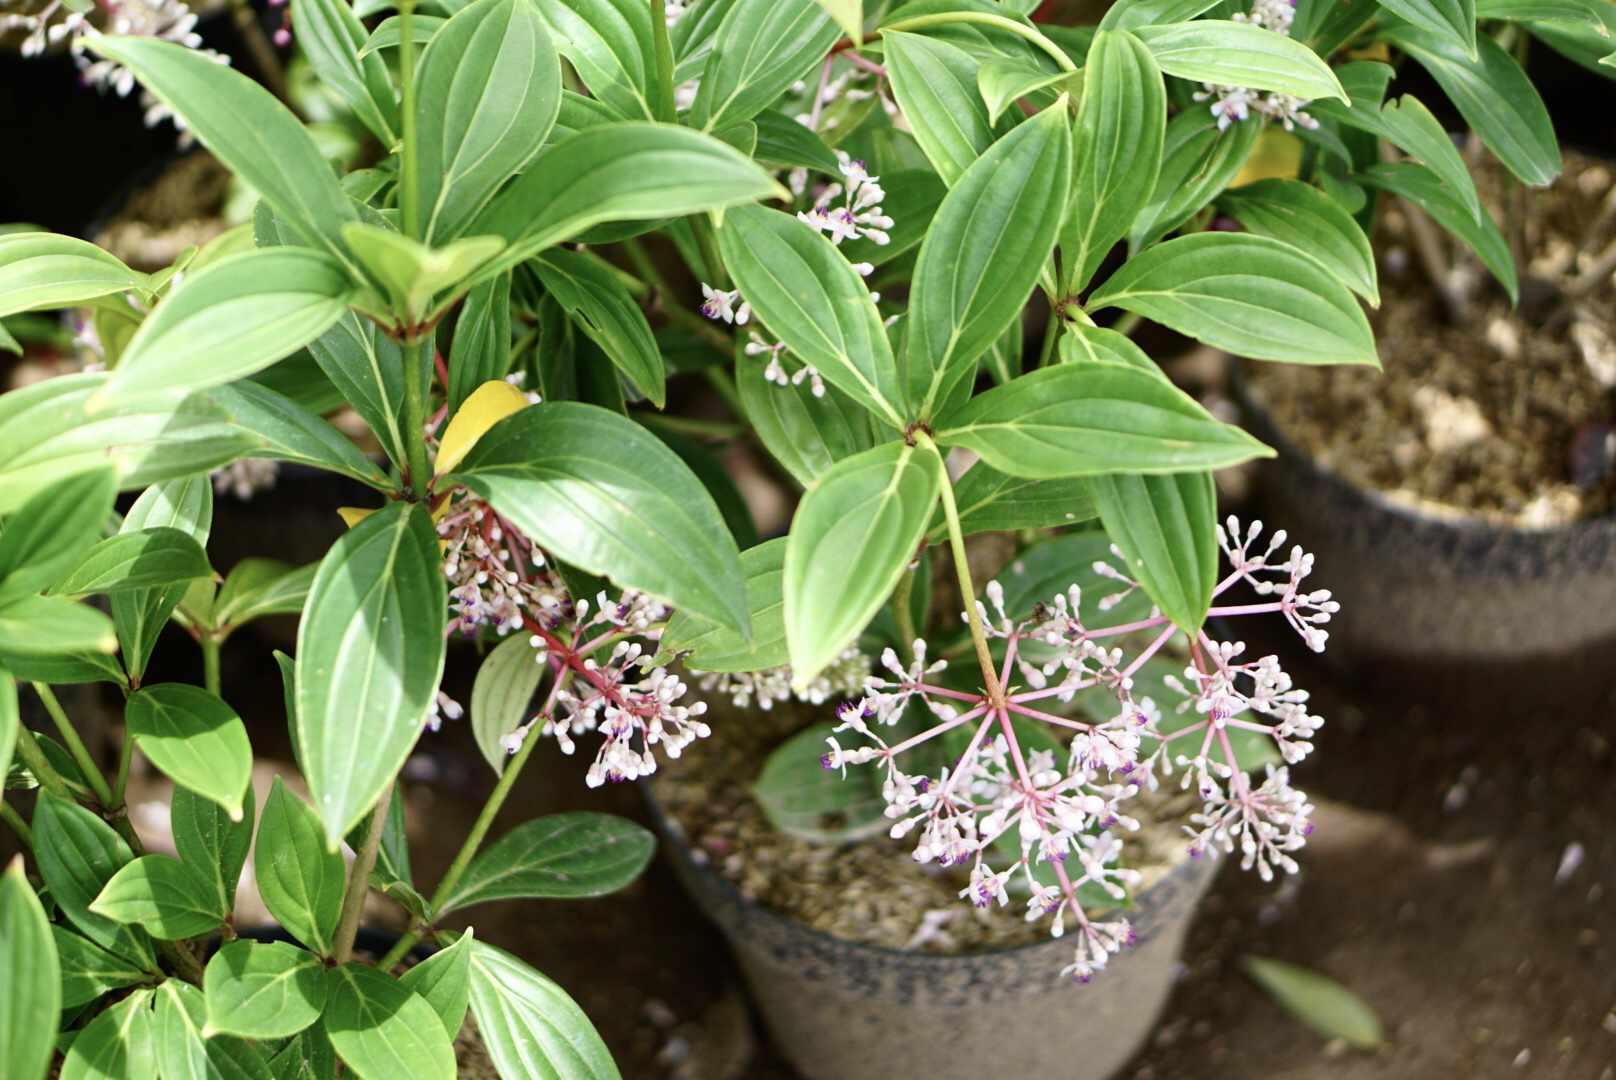 medinilla growing in a pot